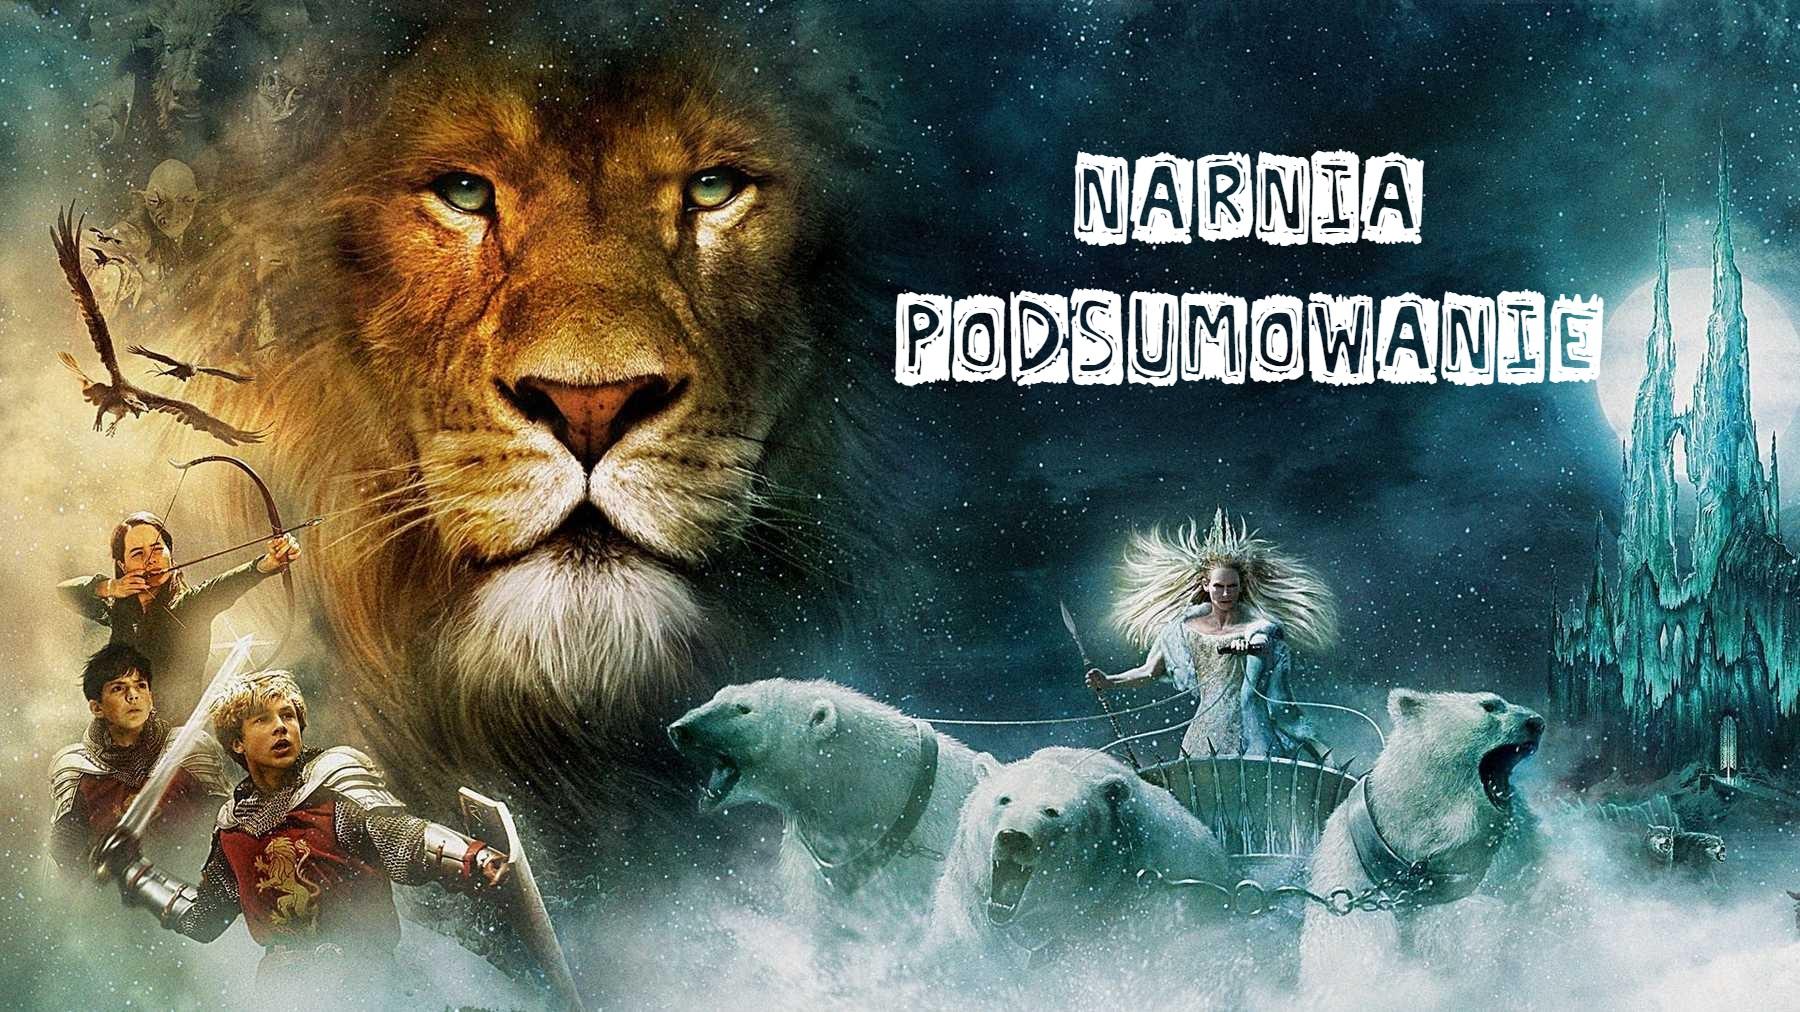 Rok z Narnią (c s lewis) podsumowanie na bywalcu życia.